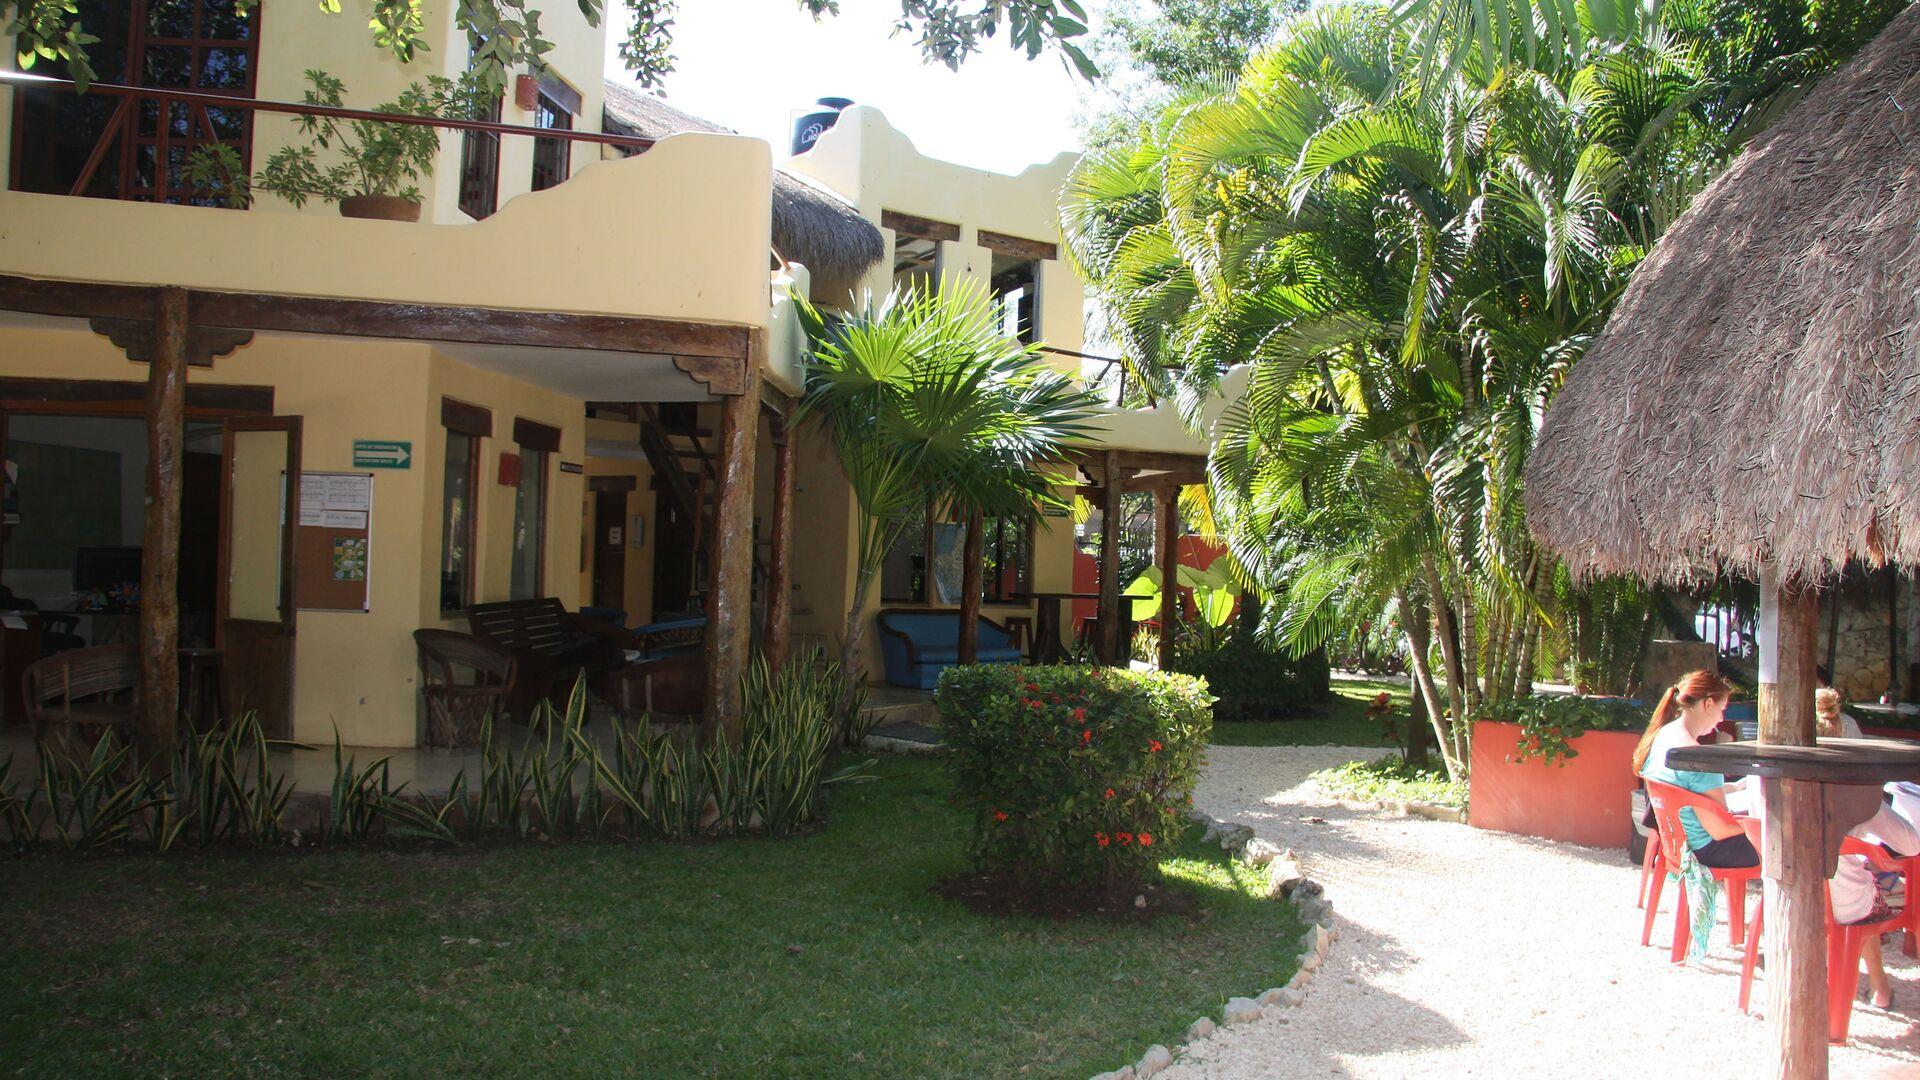 Séjour linguistique Mexico, Playa del carmen - Don Quijote Playa del Carmen - École